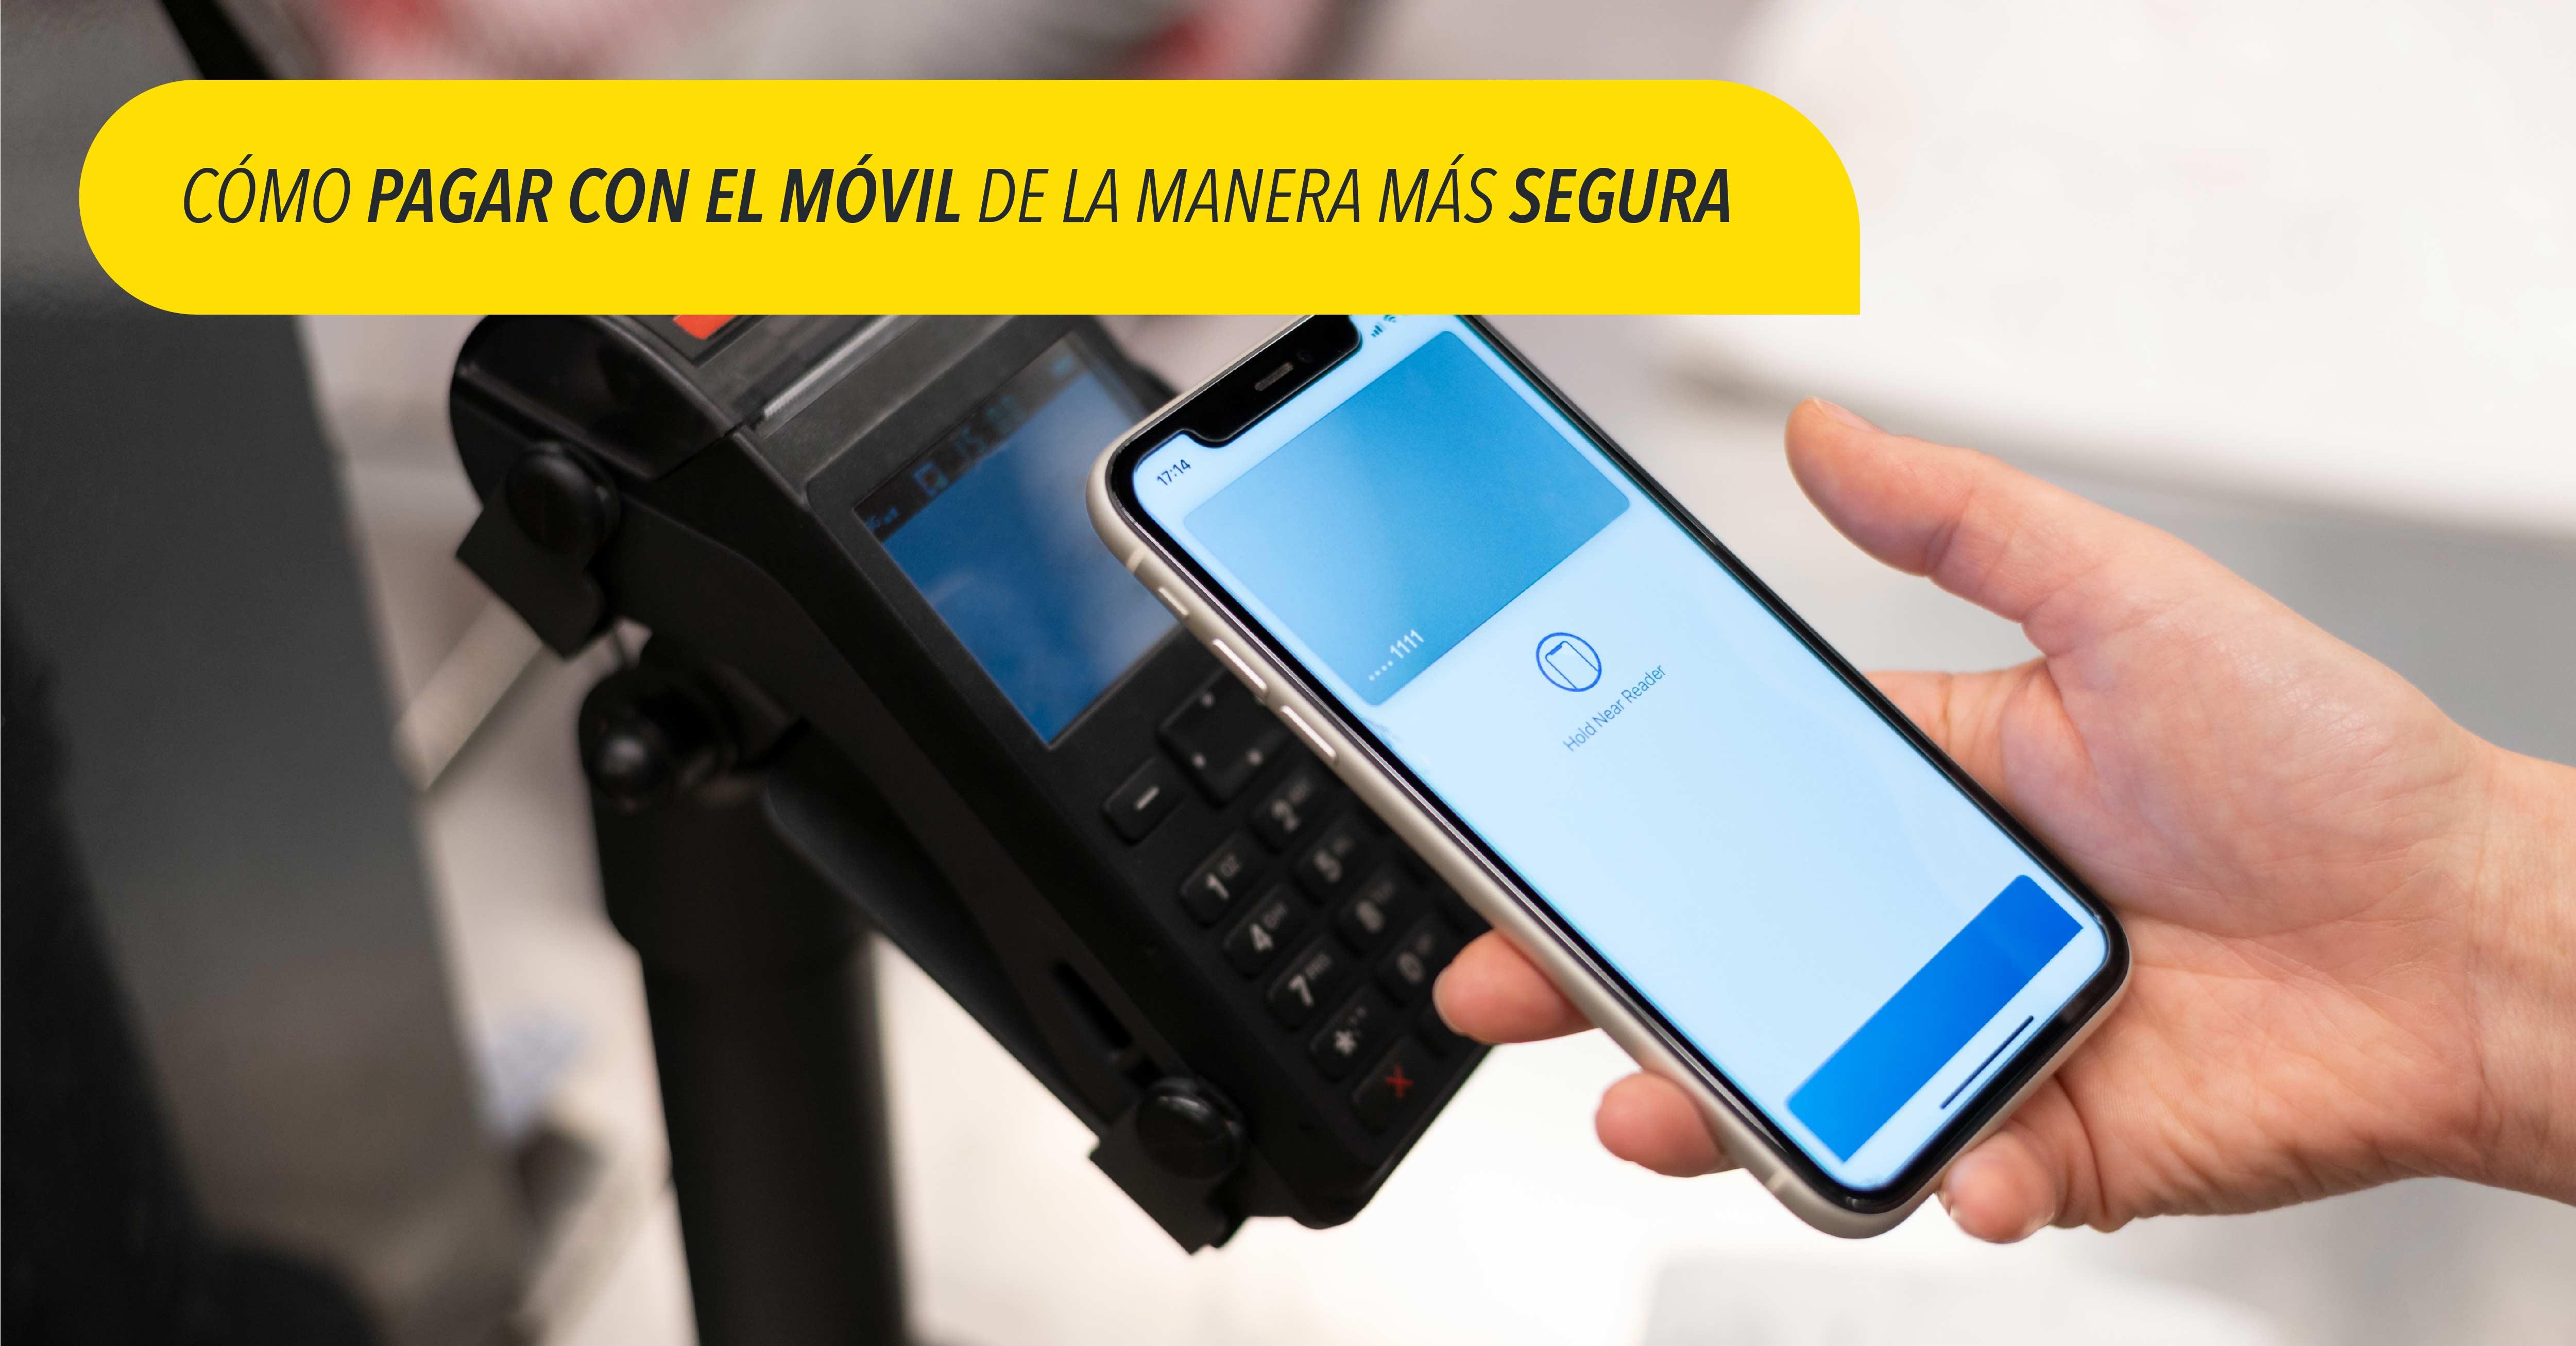 Cómo pagar con el móvil de la manera más segura